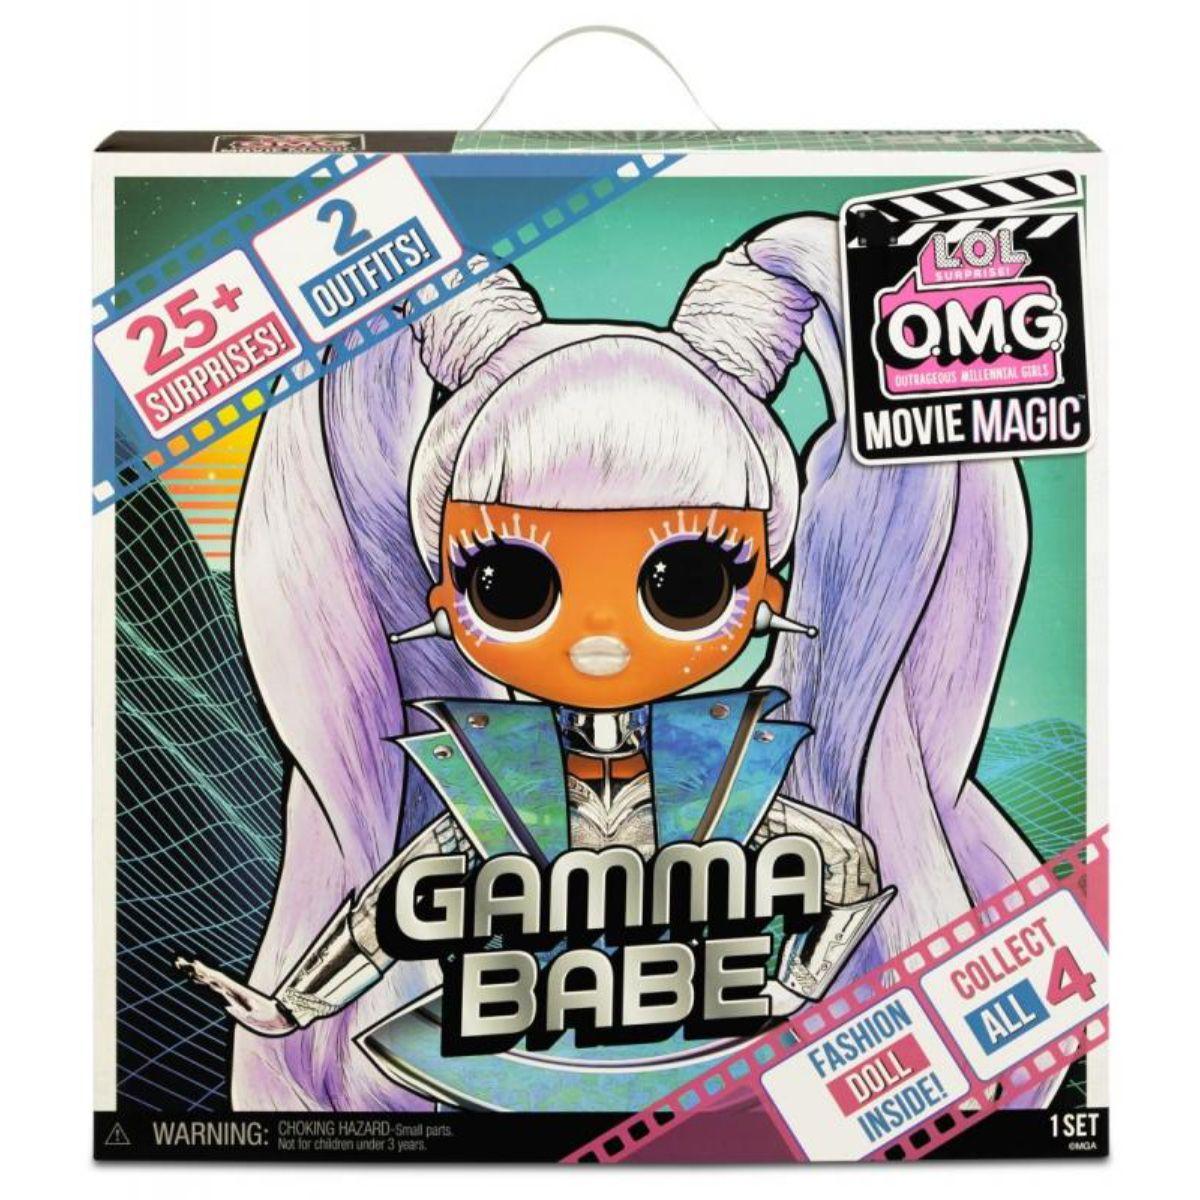 Papusa LOL Surprise OMG Movie, cu 25 de surprize, Gamma Babe, 577898EUC